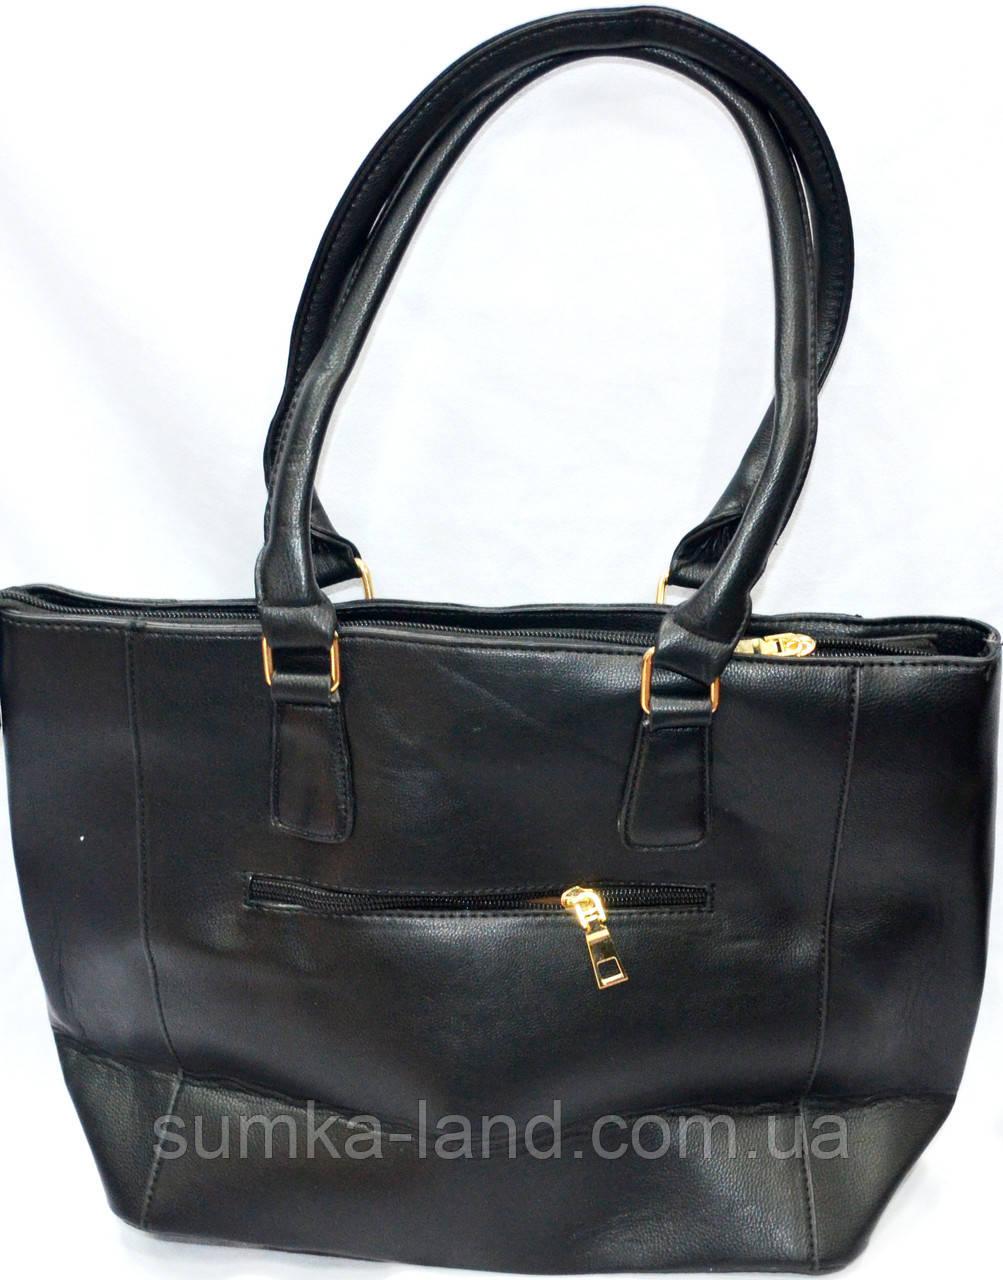 361a389eea30 Производитель: Китай материал: искусственная кожа размеры: 28х32см тип: женская  сумка